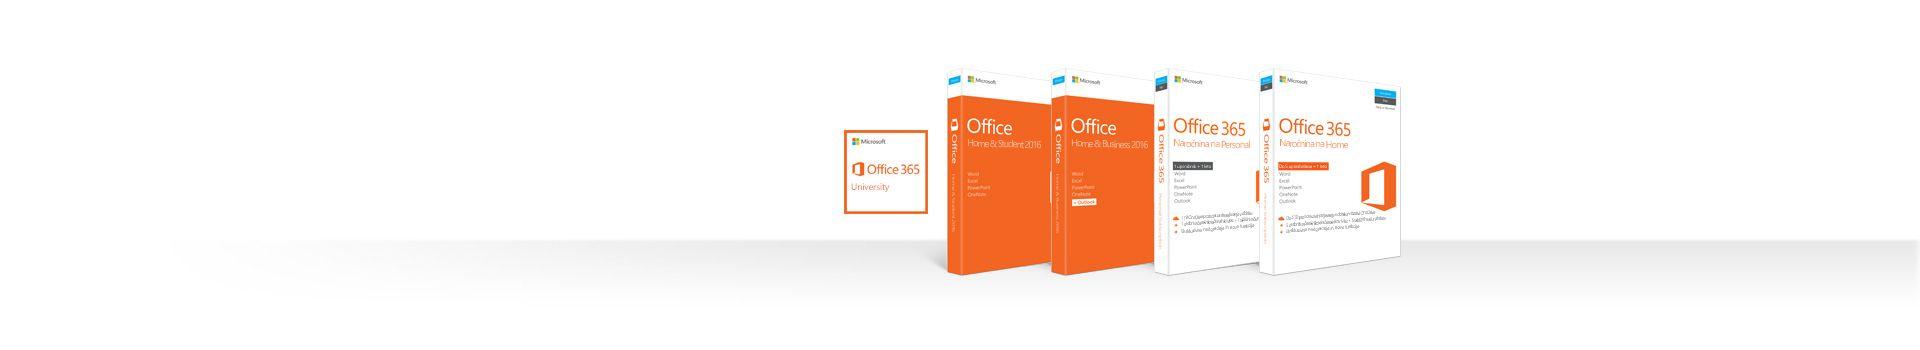 Vrstica s polji, ki predstavlja Officeovo naročnino in samostojne izdelke za računalnike Mac